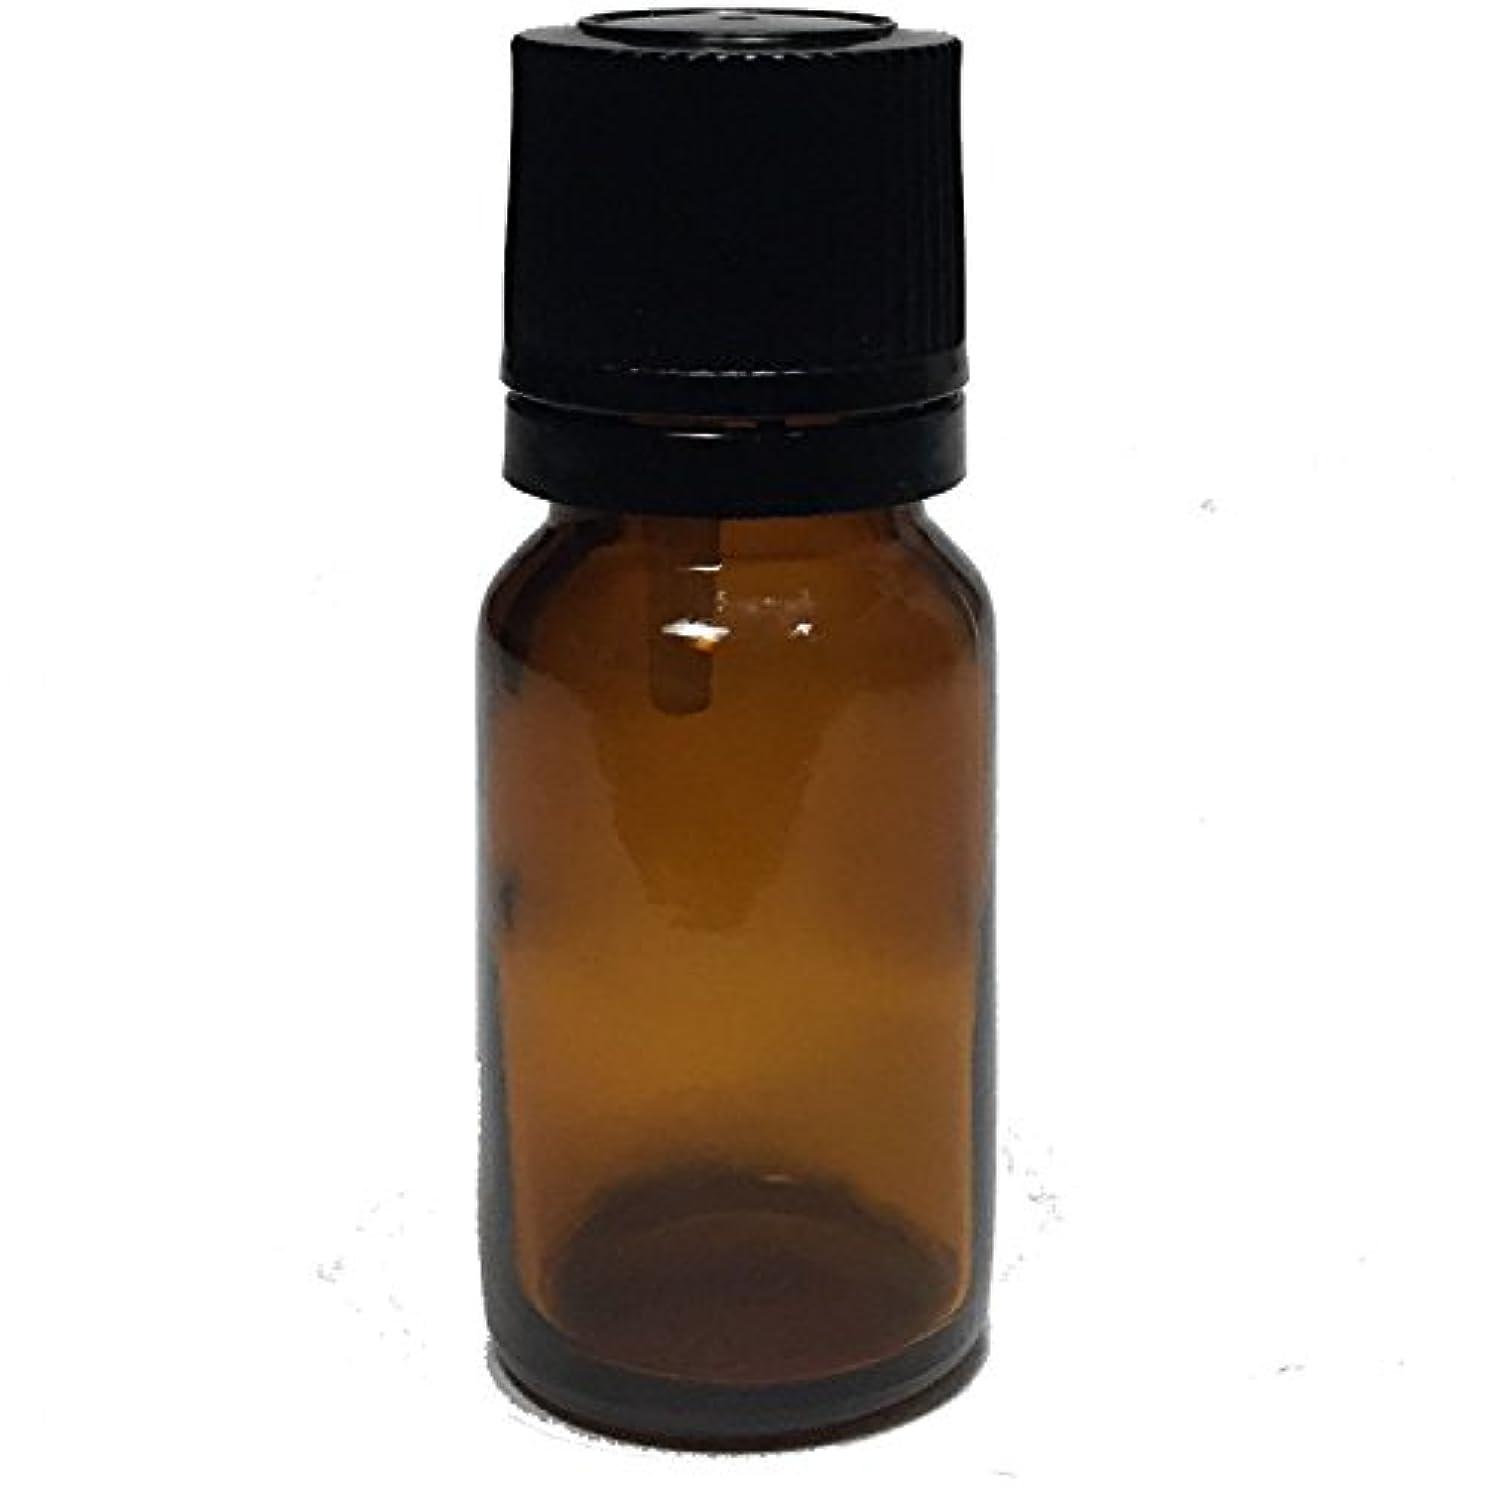 エッセンシャルオイル用茶色遮光瓶 ドロッパー付き 黒キャップ 10ml ガラスビン 10本セット